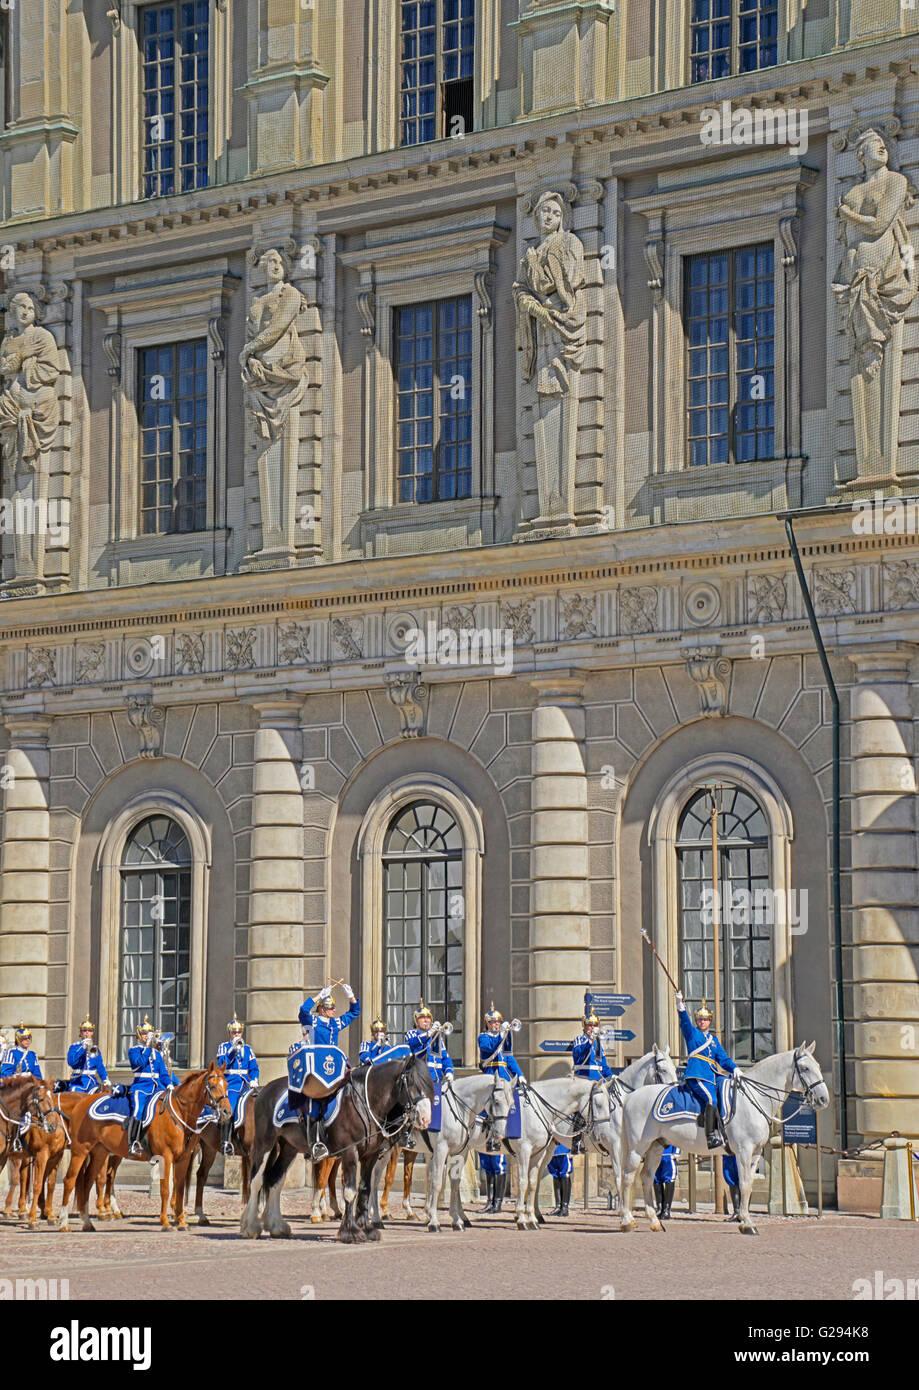 Ändern des Schutzes im königlichen Palast in Stockholm, Schweden. Stockbild